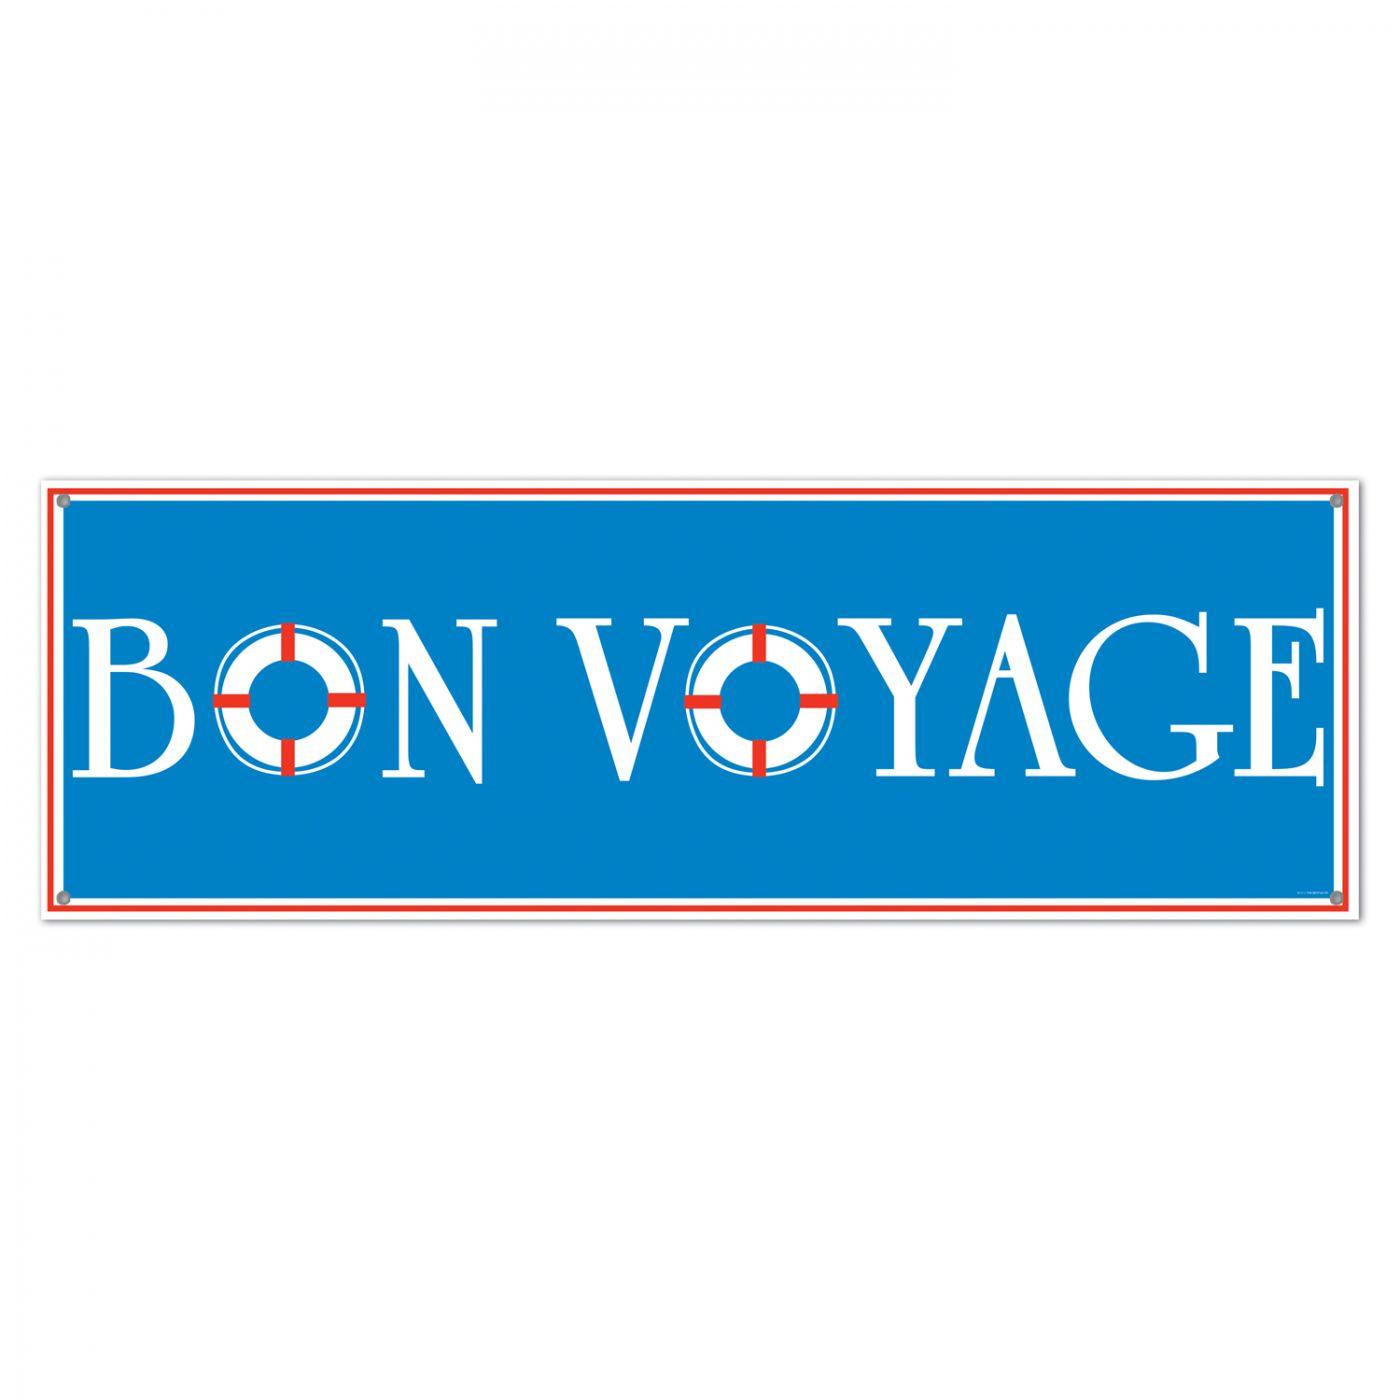 Image of Bon Voyage Sign Banner